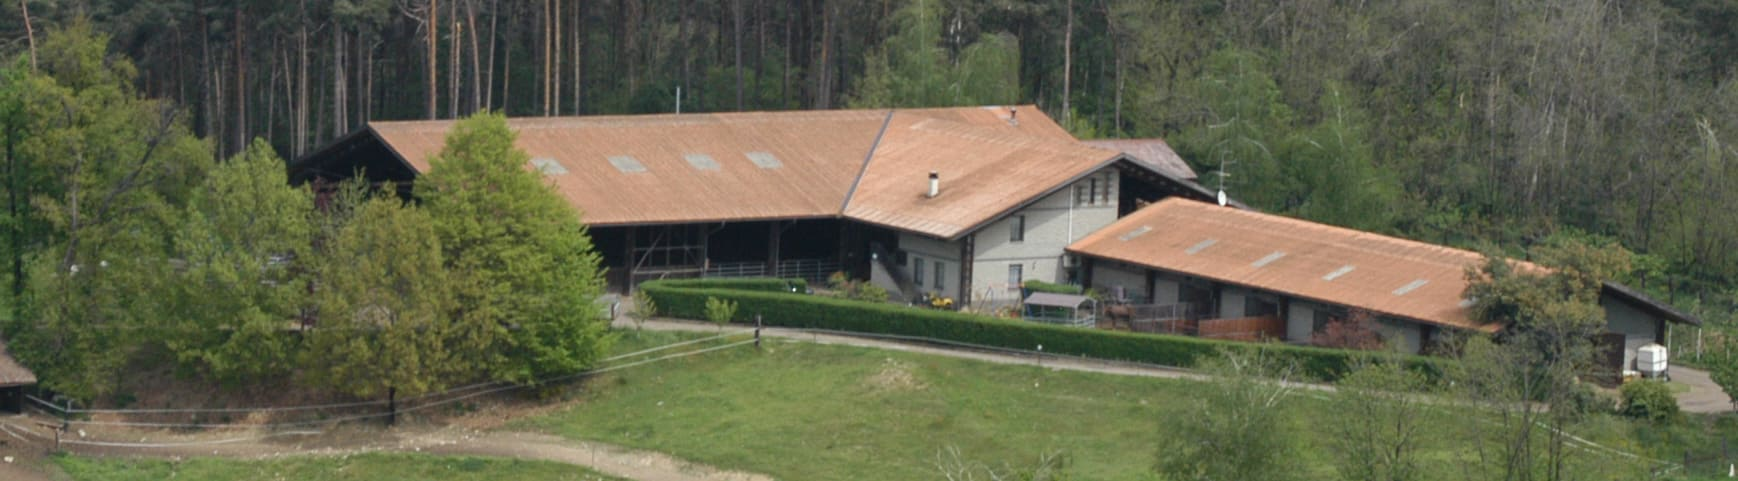 fattoria-badi-farm